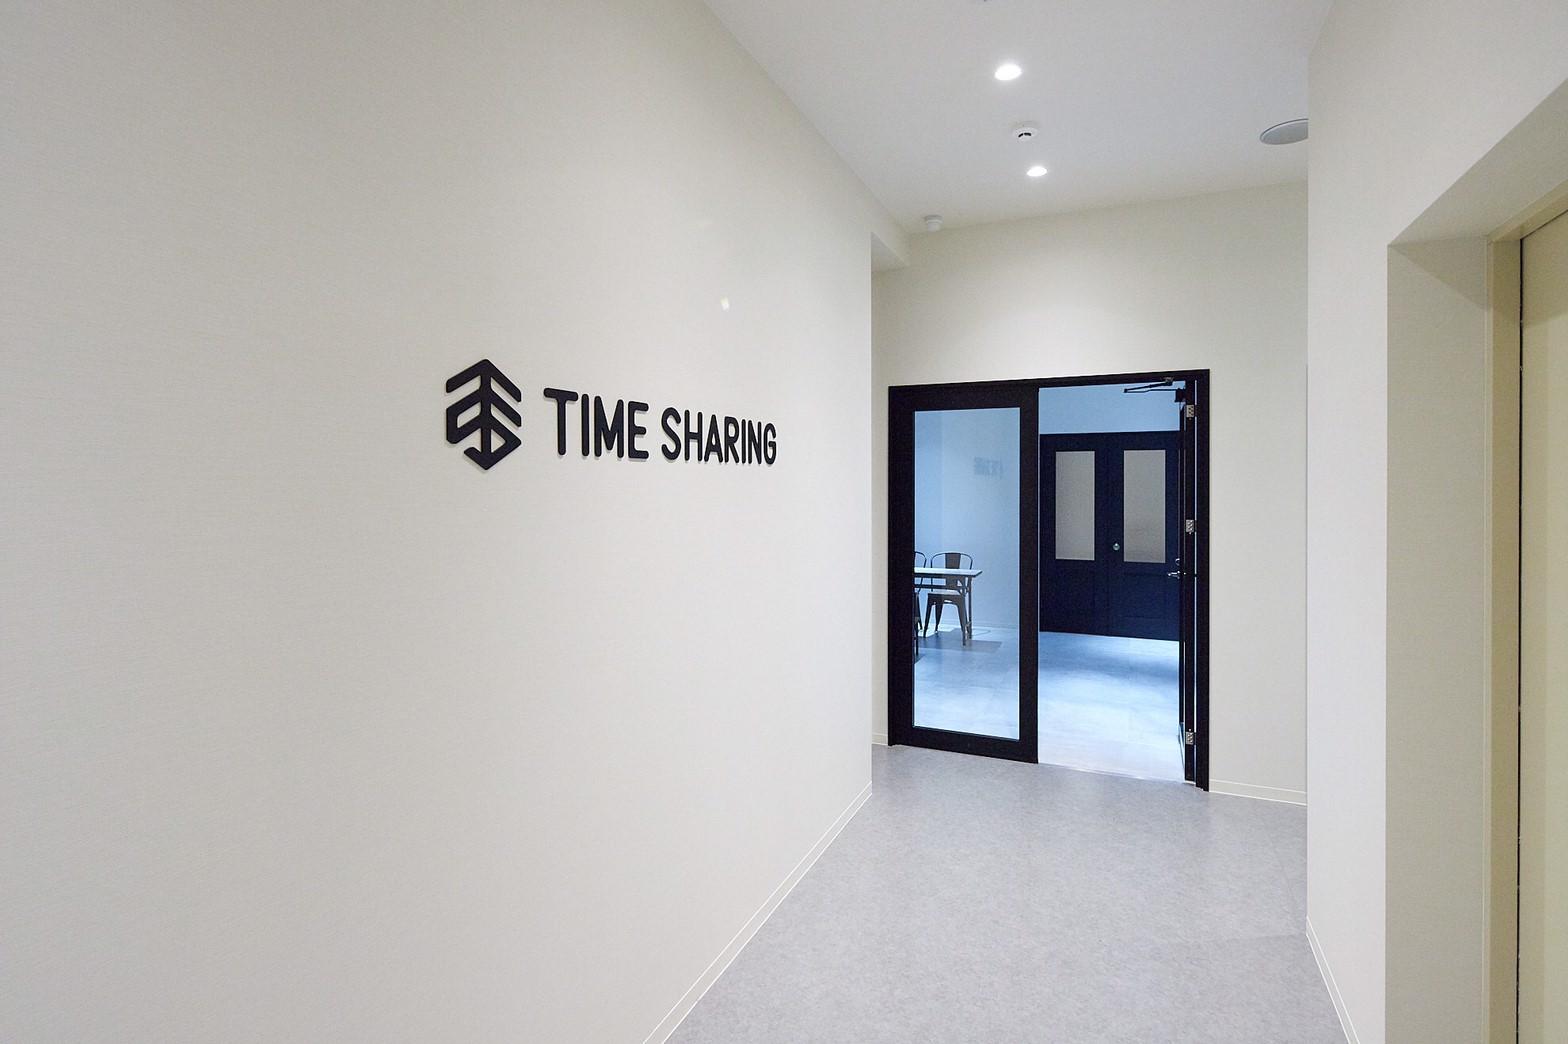 ブログサイト「SHARING」オープン★ TIME SHARING タイムシェアリング  スペースマネジメント あどばる adval SHARING